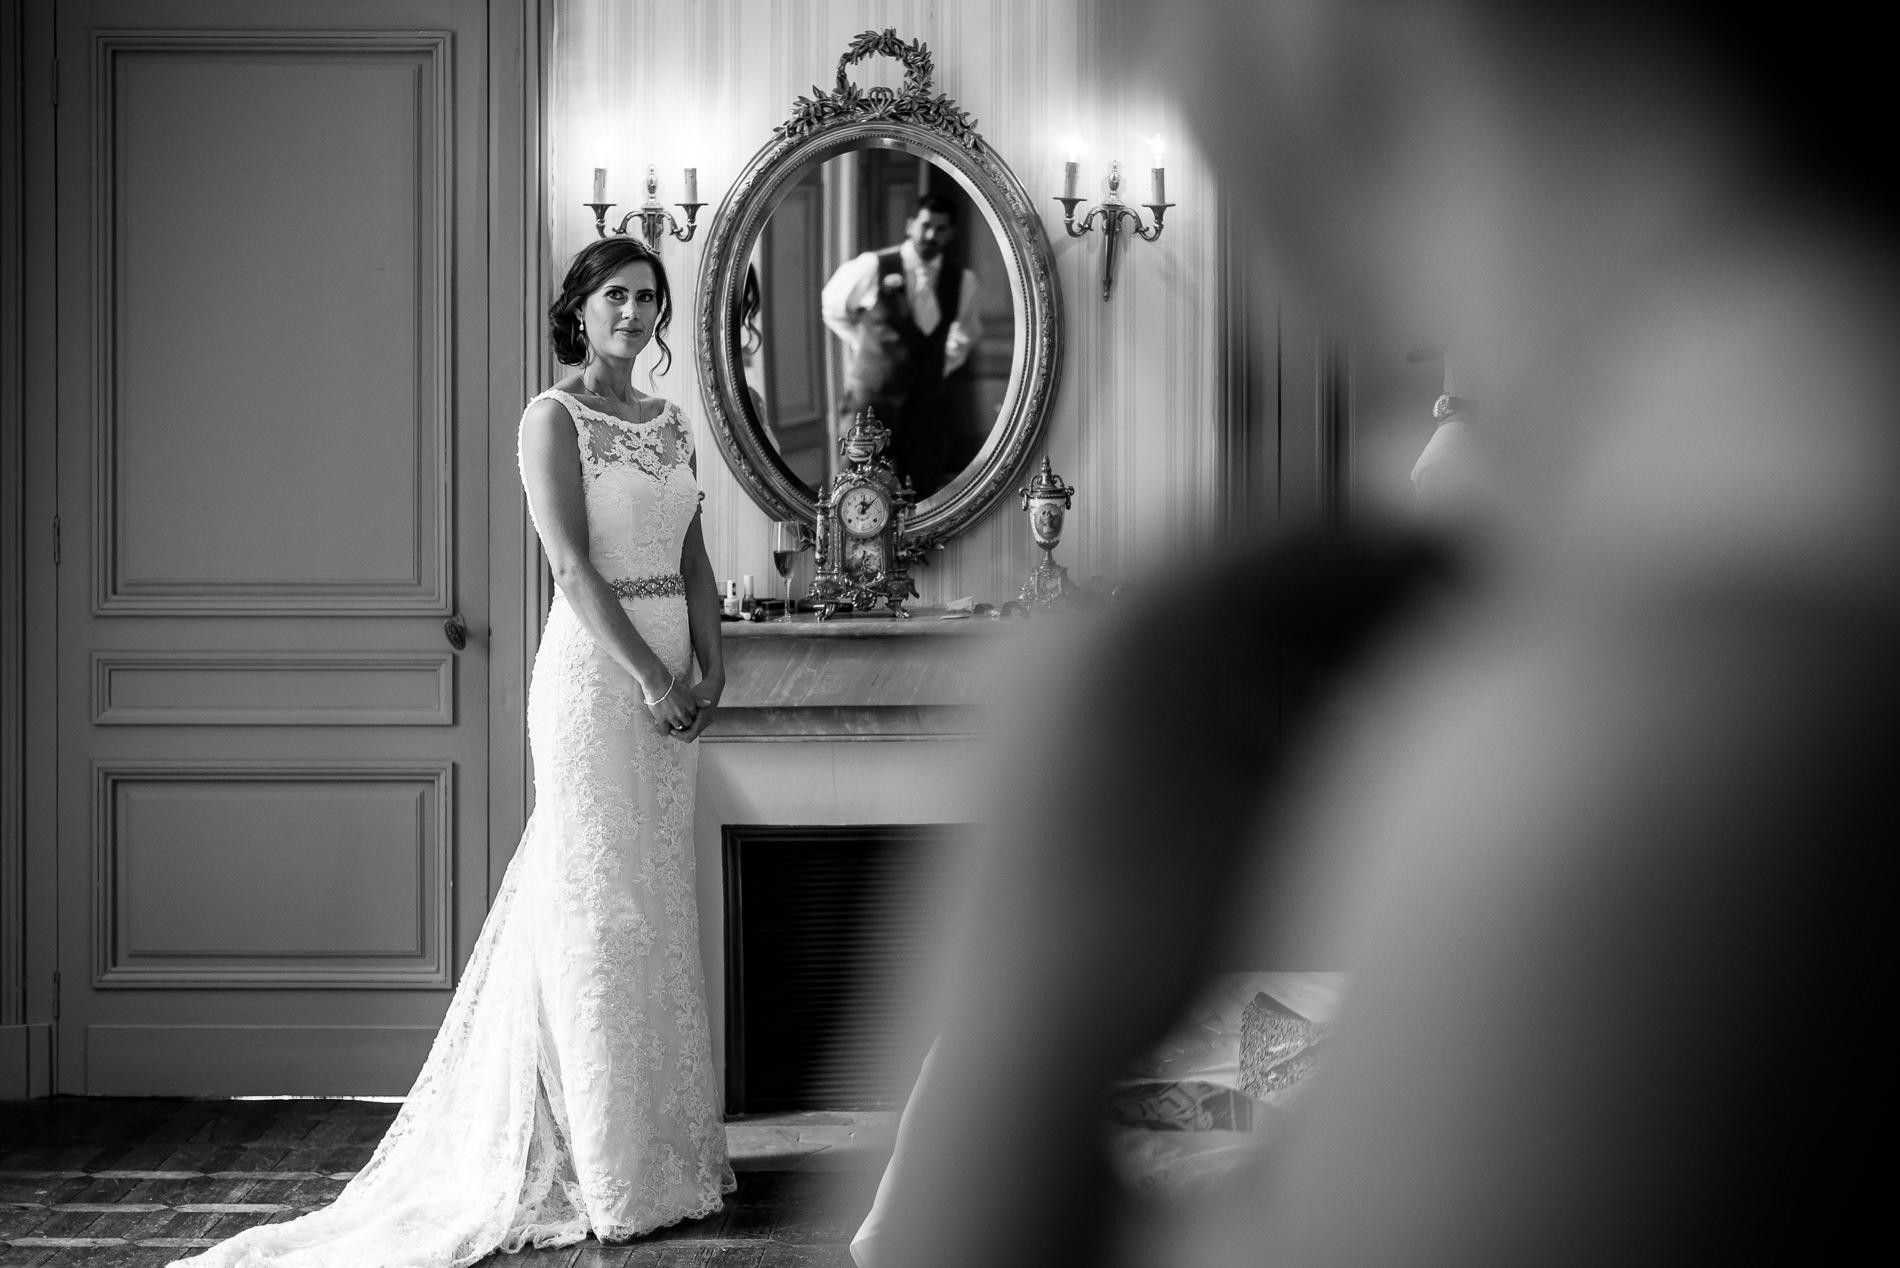 wedding chateau la durantie french castle-17